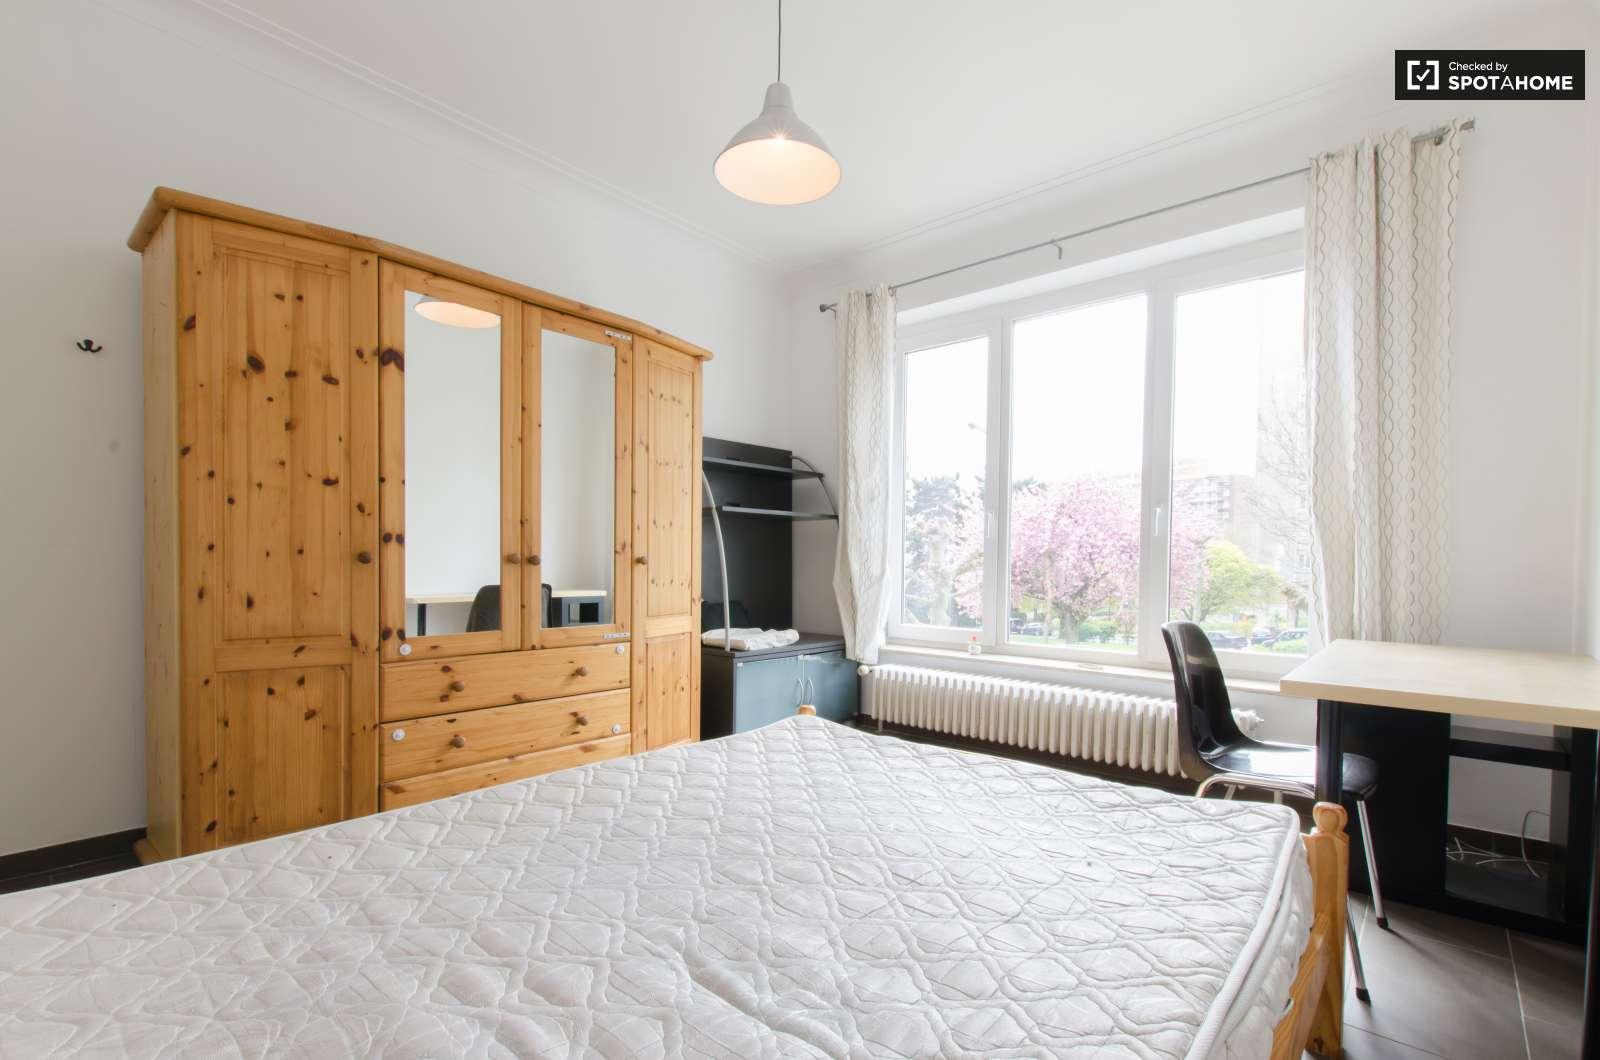 Chambre intimiste dans un appartement de 7 chambres for Appartement a louer a jette 3 chambre